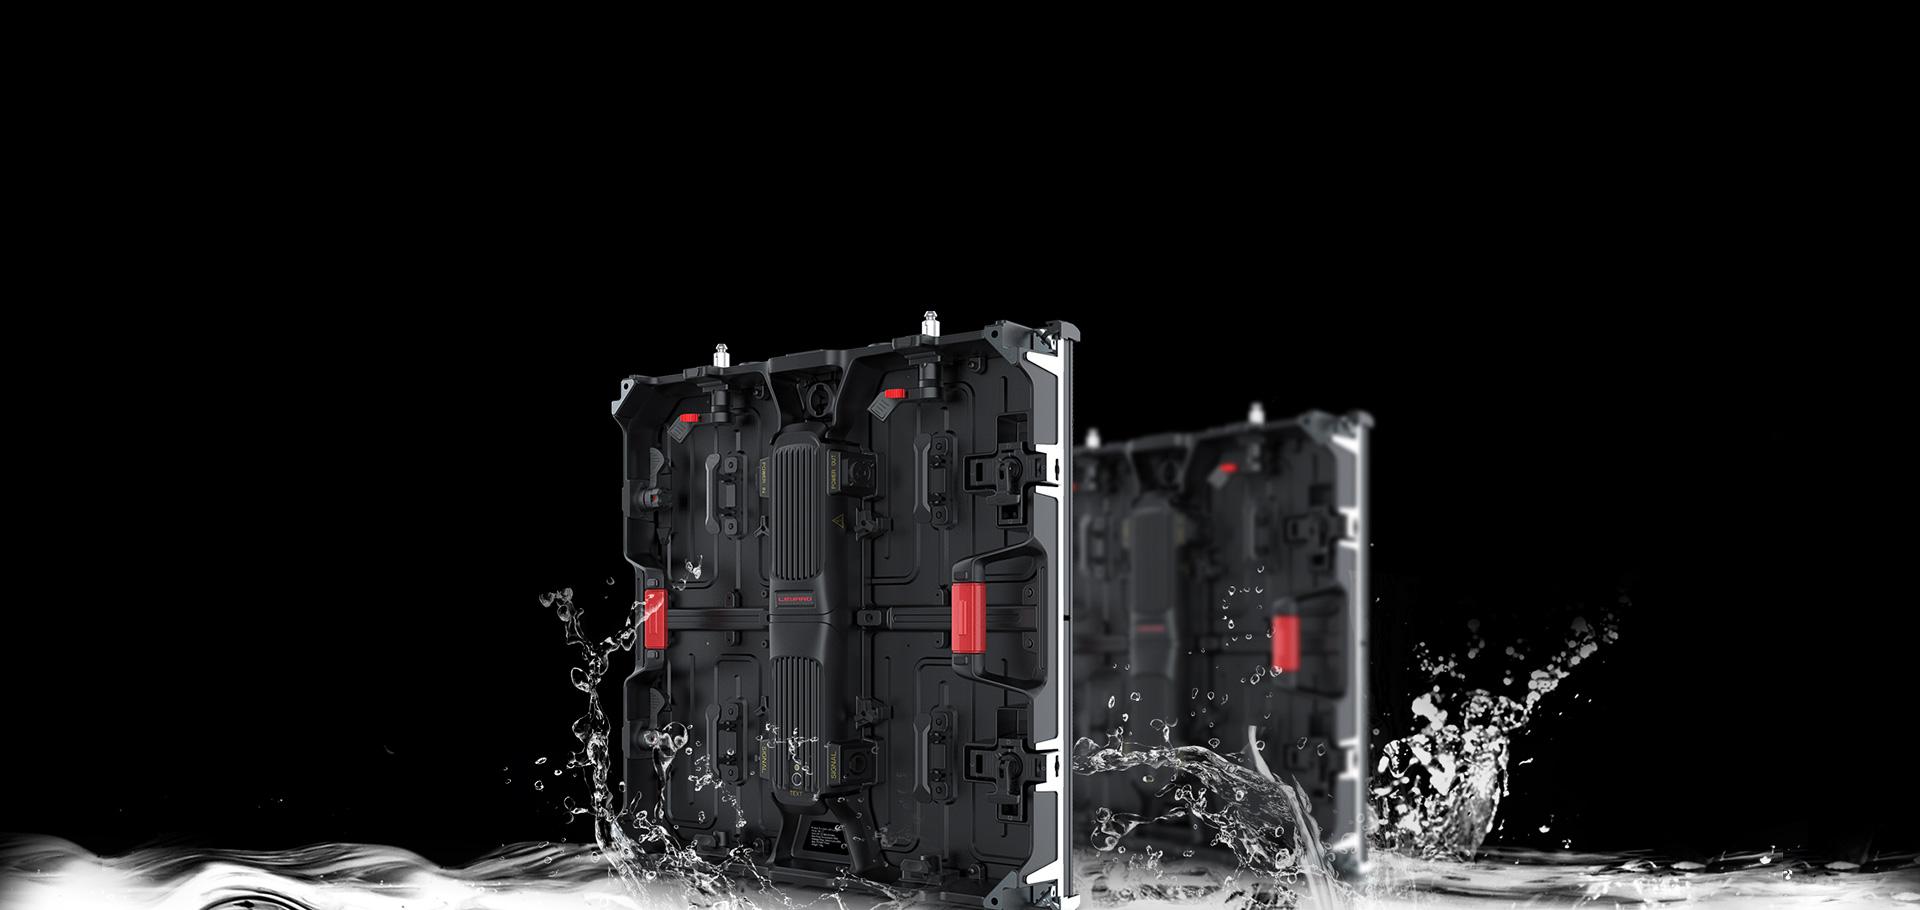 Waterproof And Dustproof